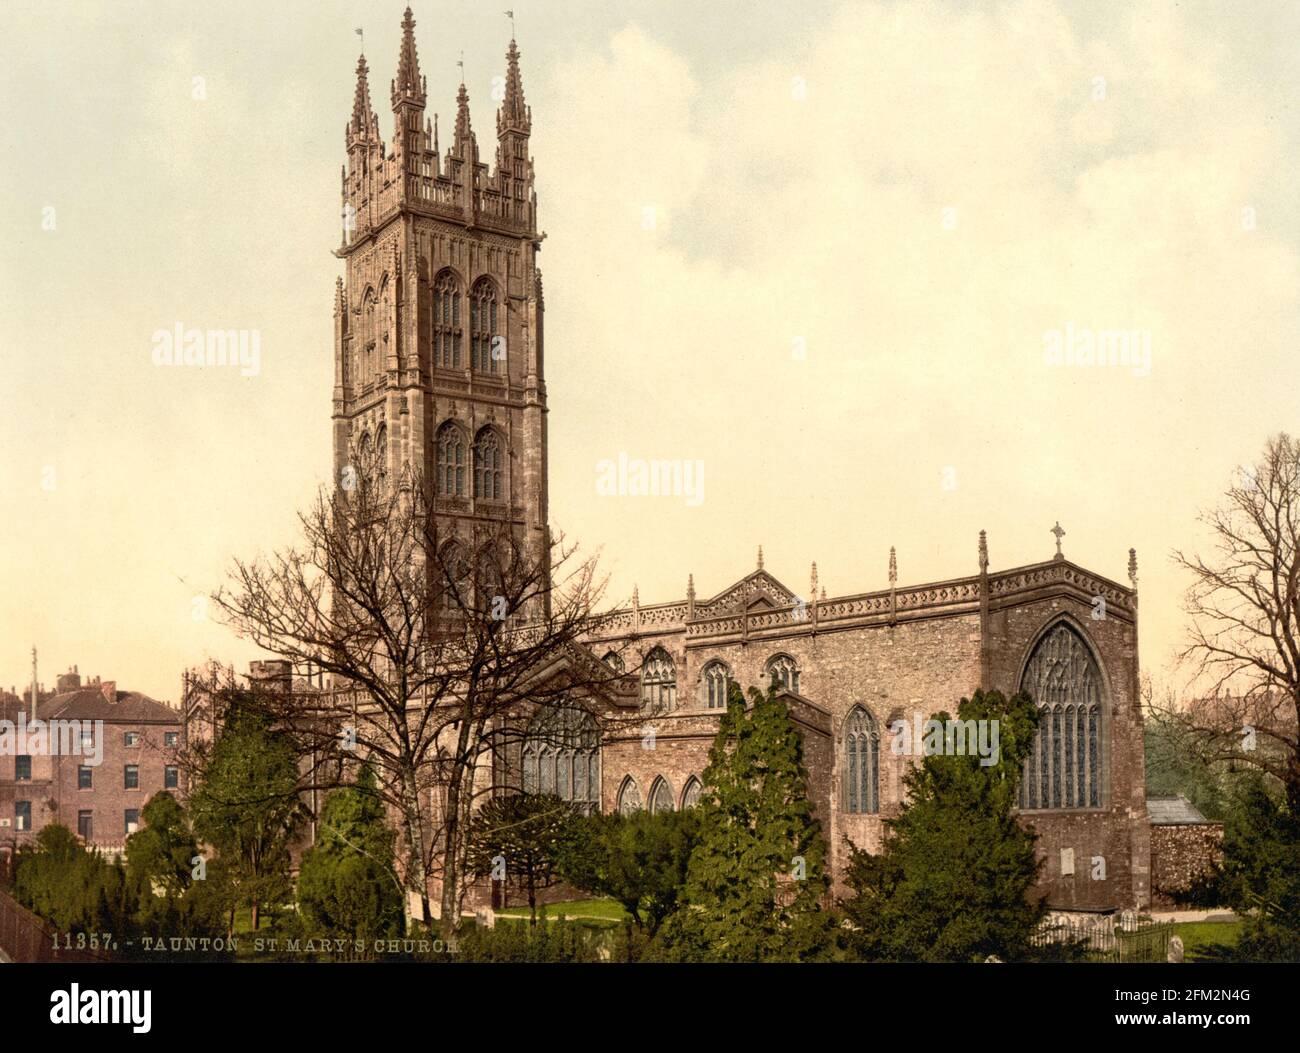 Église de Taunton St mary, Devon vers 1890-1900 Banque D'Images